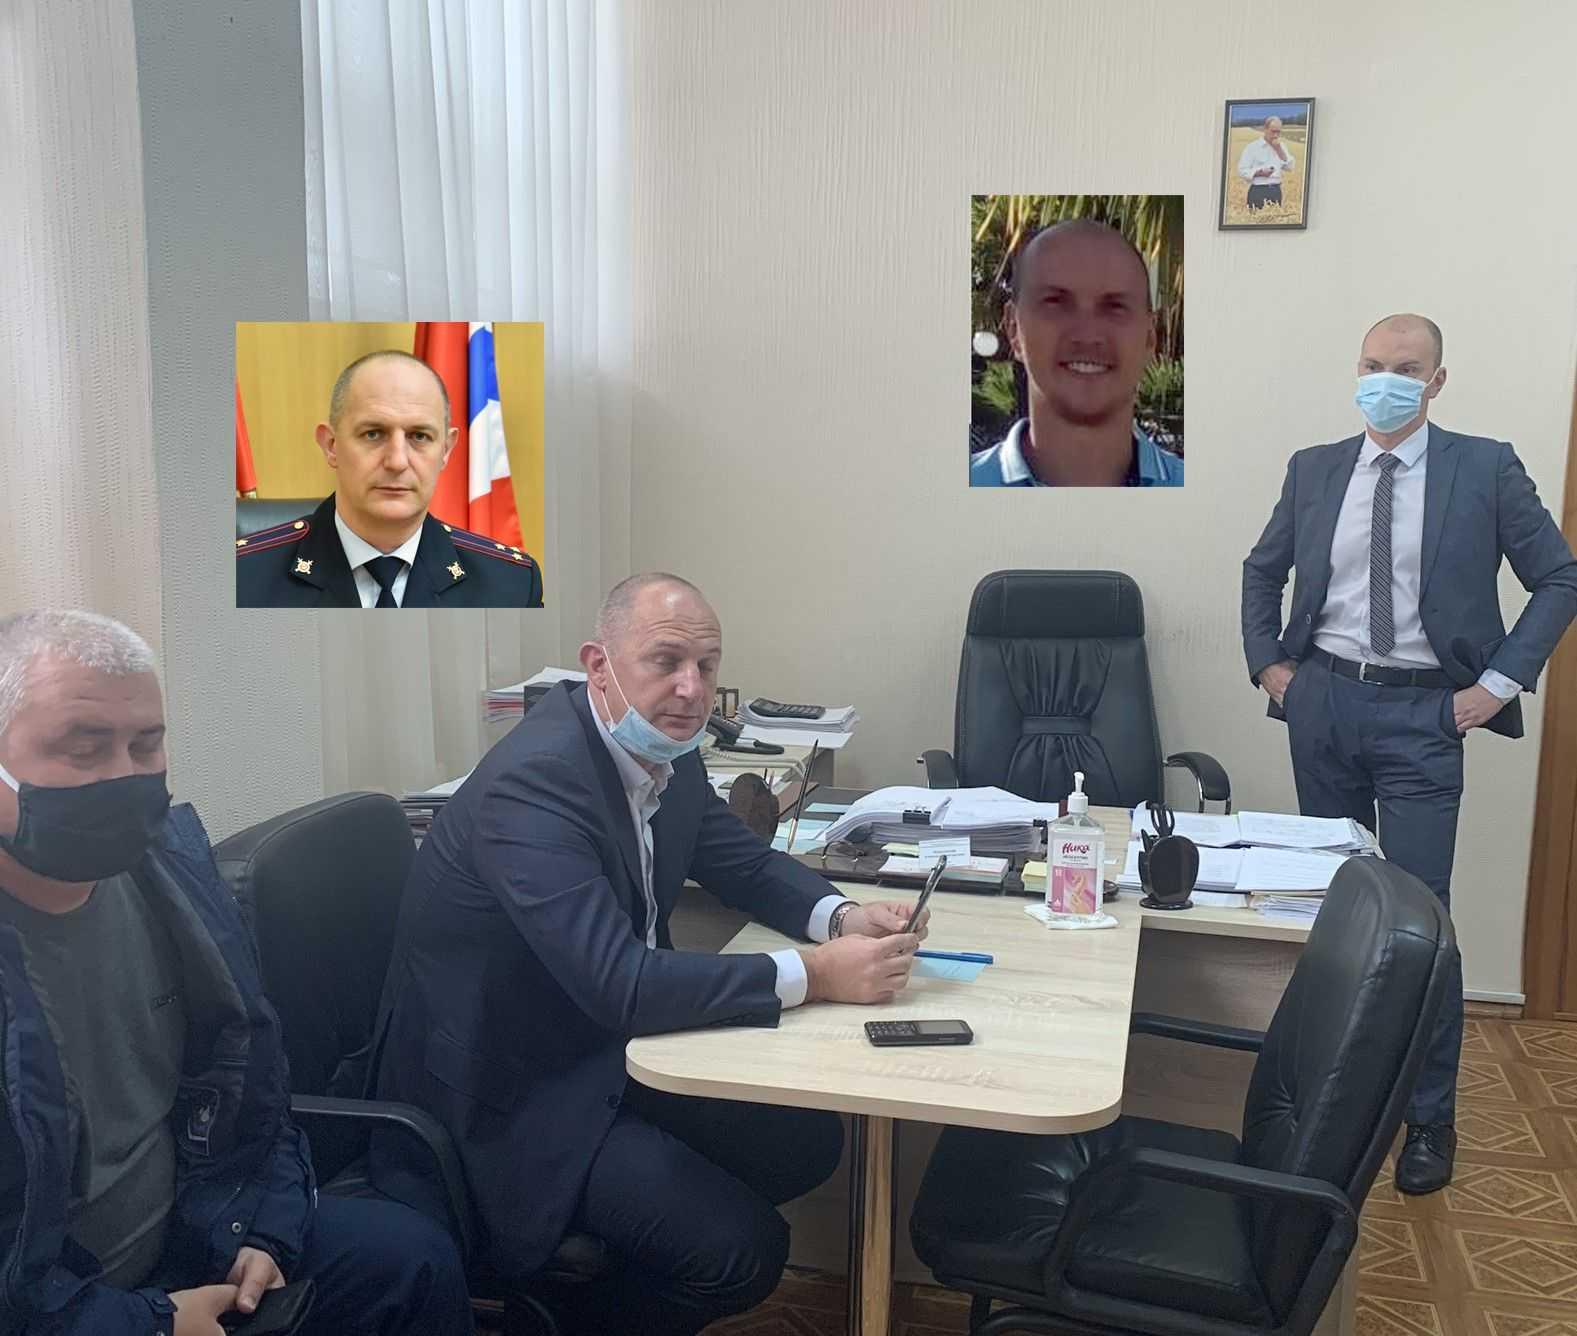 Разоблачение ФСБ. Что осталось за кадром истории с Навальным